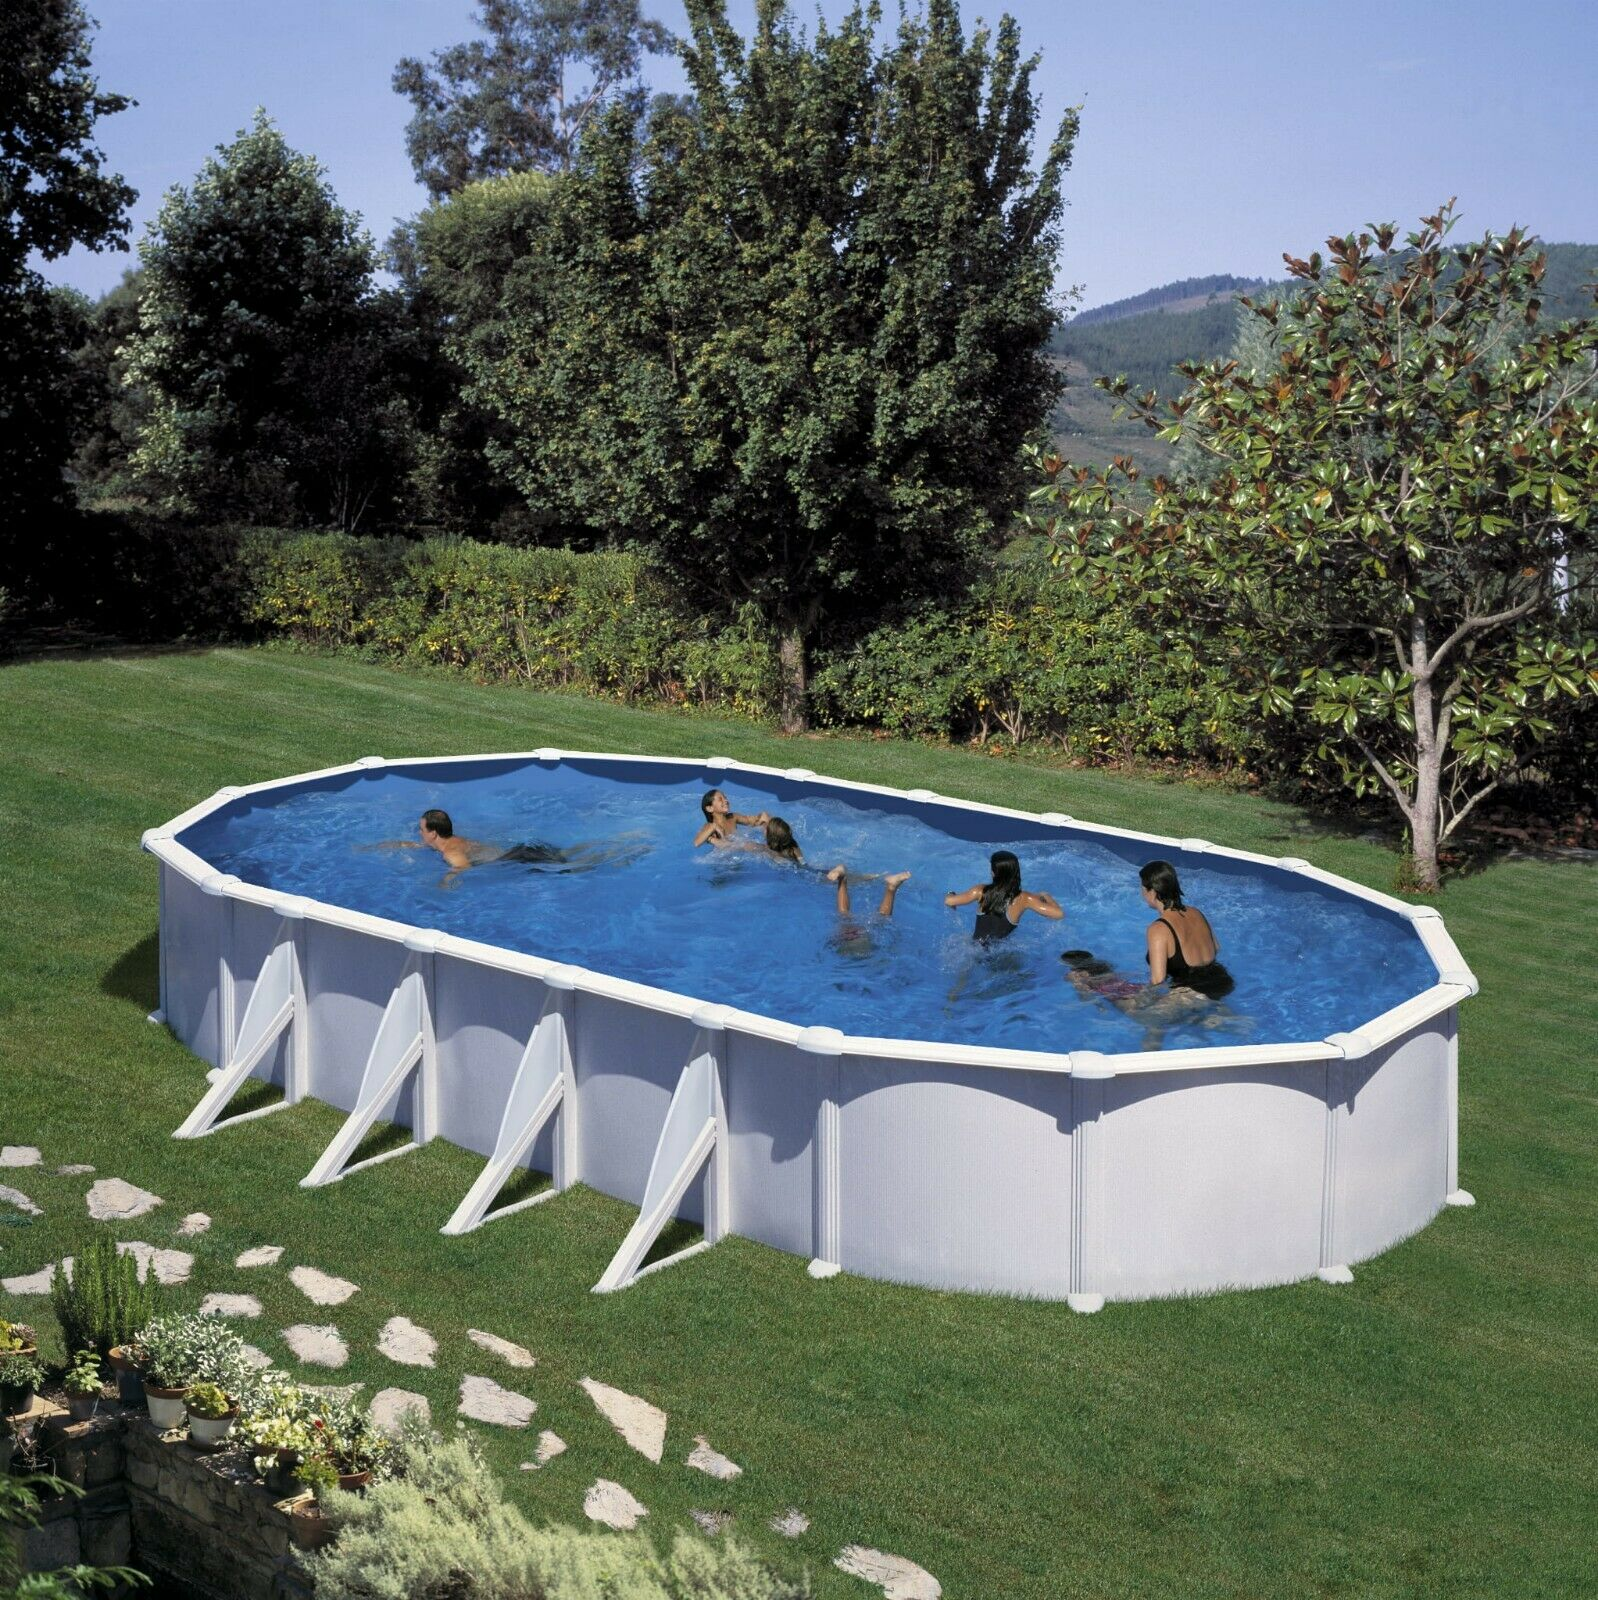 Full Size of Gartenpool Rechteckig Mit Pumpe Sandfilteranlage Holz Kaufen Intex Bestway Test Obi Garten Pool 3m 915 470 132 Cm Stahlkonstruktion Wohnzimmer Gartenpool Rechteckig